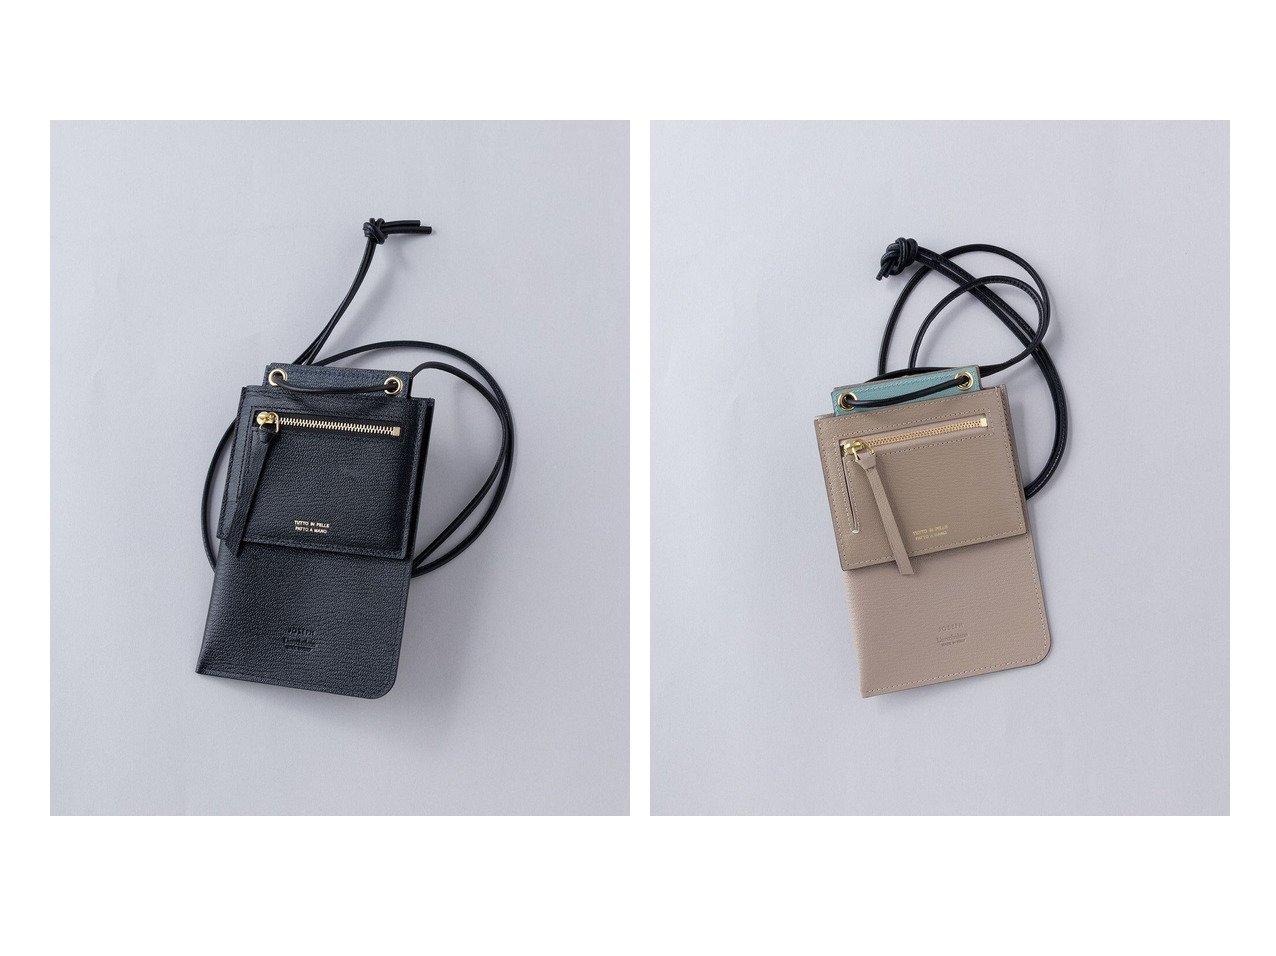 【JOSEPH HOMME / MEN/ジョゼフ オム】の【JOSEPH HOMME限定色】L'arcobaleno Smart Shoulder Wallet 【MEN】おすすめ!人気トレンド・男性、メンズファッションの通販  おすすめで人気の流行・トレンド、ファッションの通販商品 メンズファッション・キッズファッション・インテリア・家具・レディースファッション・服の通販 founy(ファニー) https://founy.com/ ファッション Fashion メンズファッション MEN イタリア コイン ショルダー スマート セパレート 財布 ハンド フランス ポケット ポーチ 送料無料 Free Shipping  ID:crp329100000033563